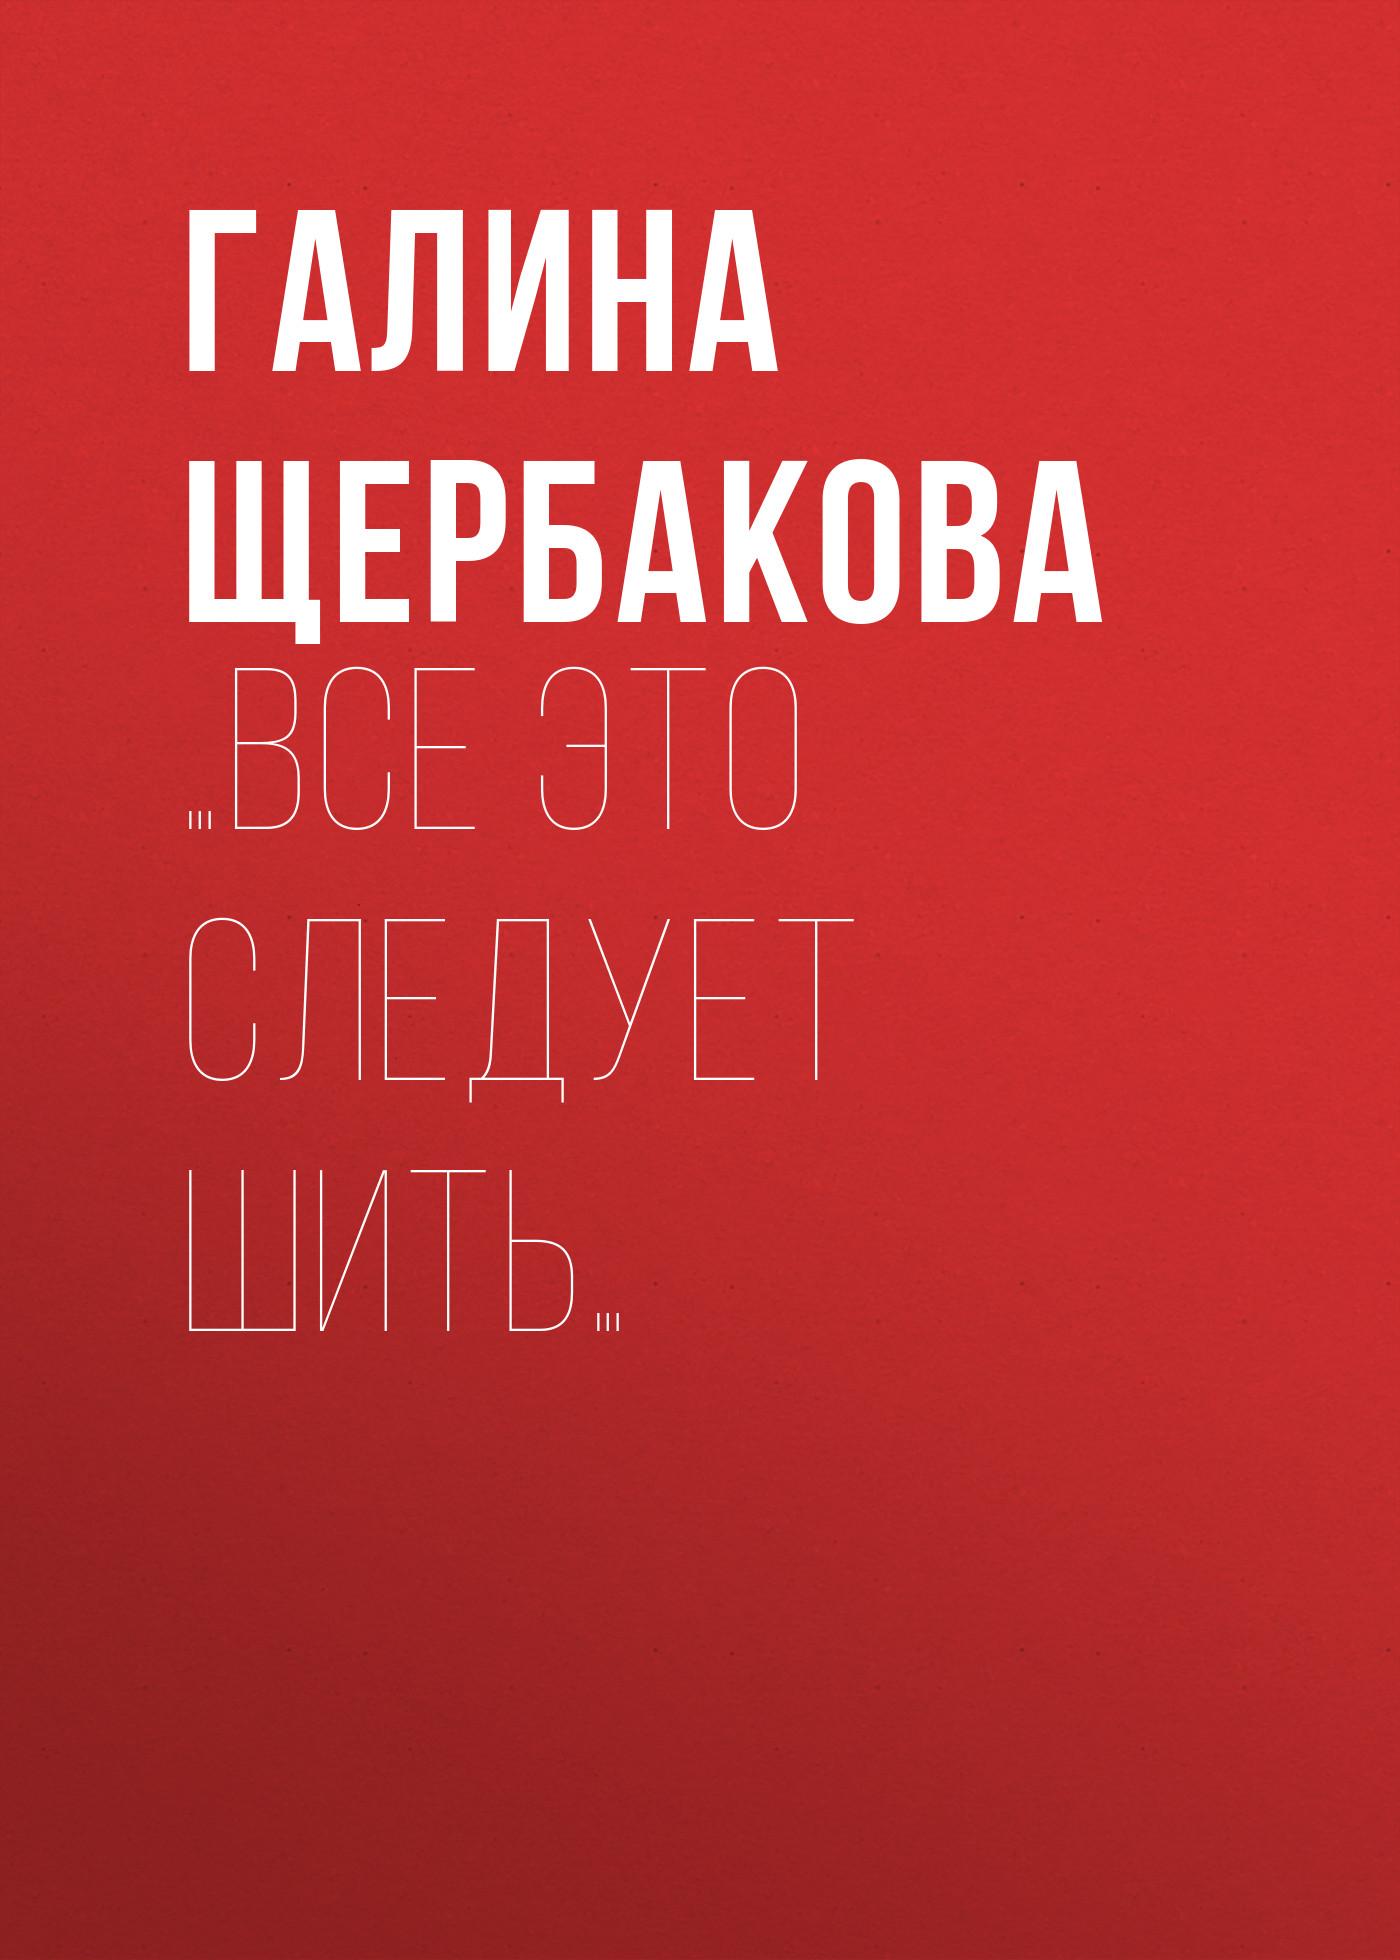 Галина Щербакова …Все это следует шить… юлия валерьевна щербакова теоретическая механика